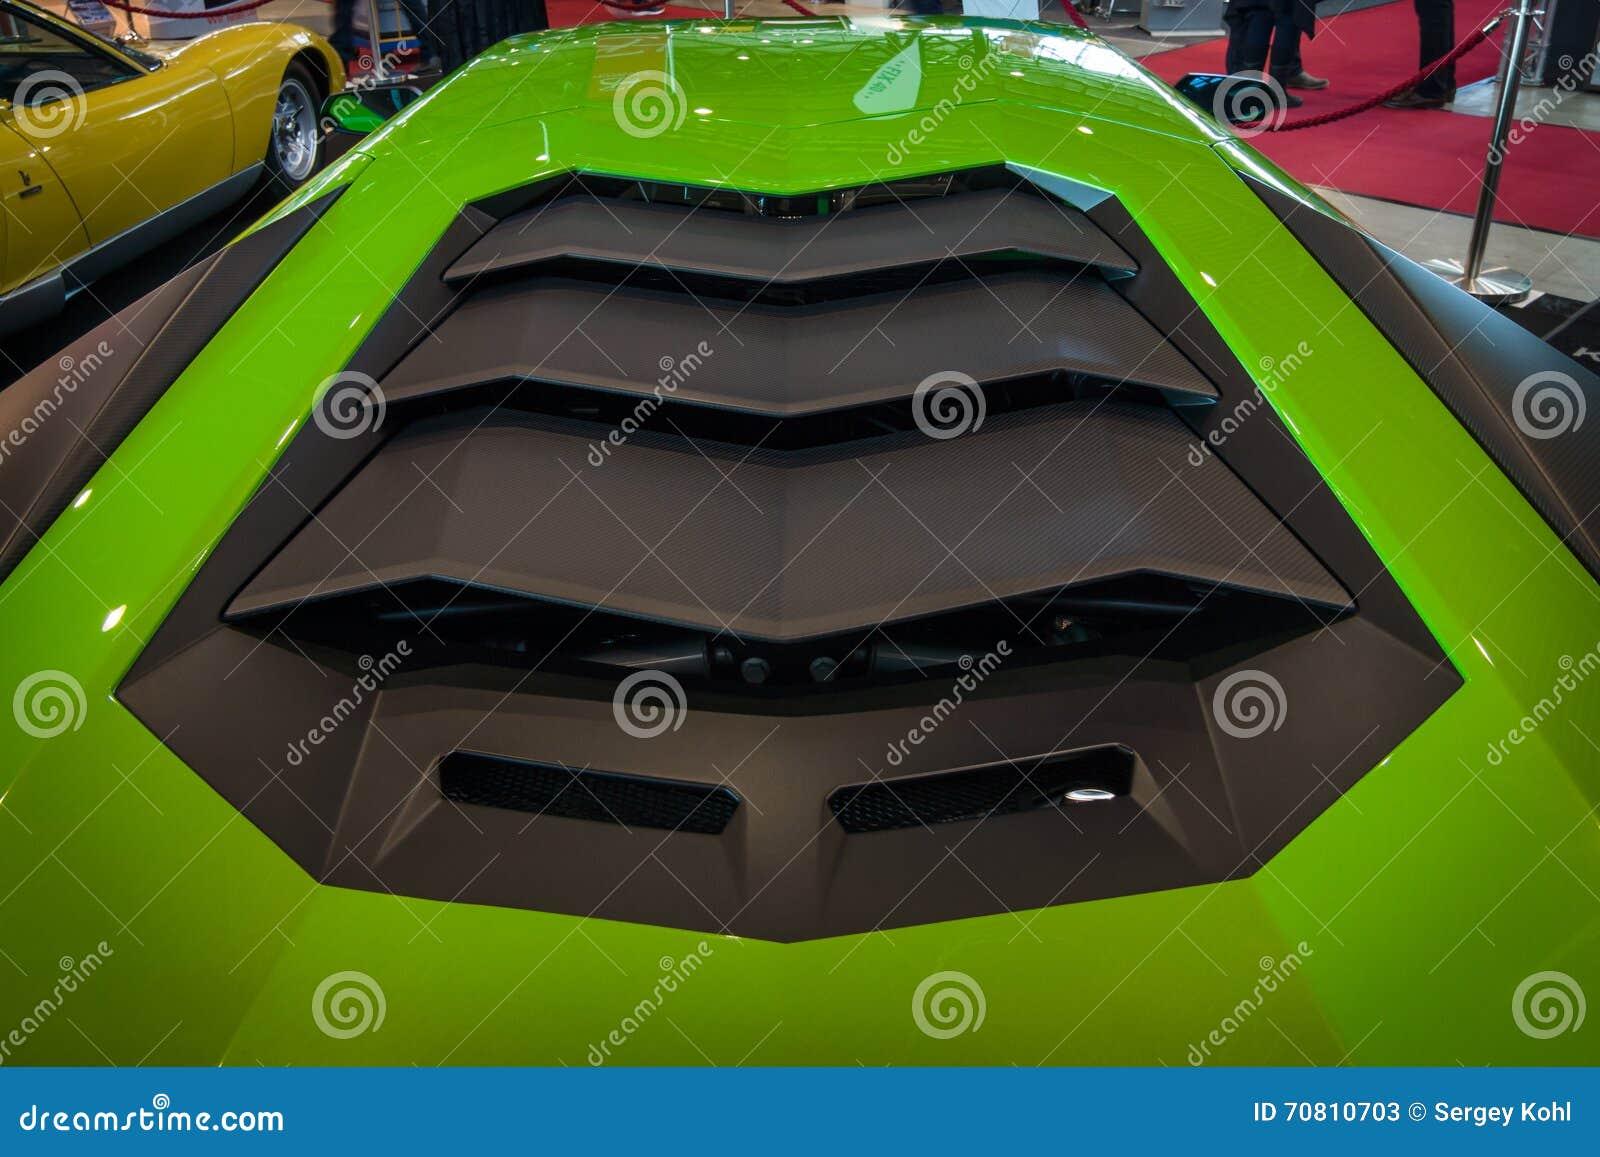 Машинный отсек средний-engined автомобиля спорт Lamborghini Aventador LP 750-4 SuperVeloce, 2016